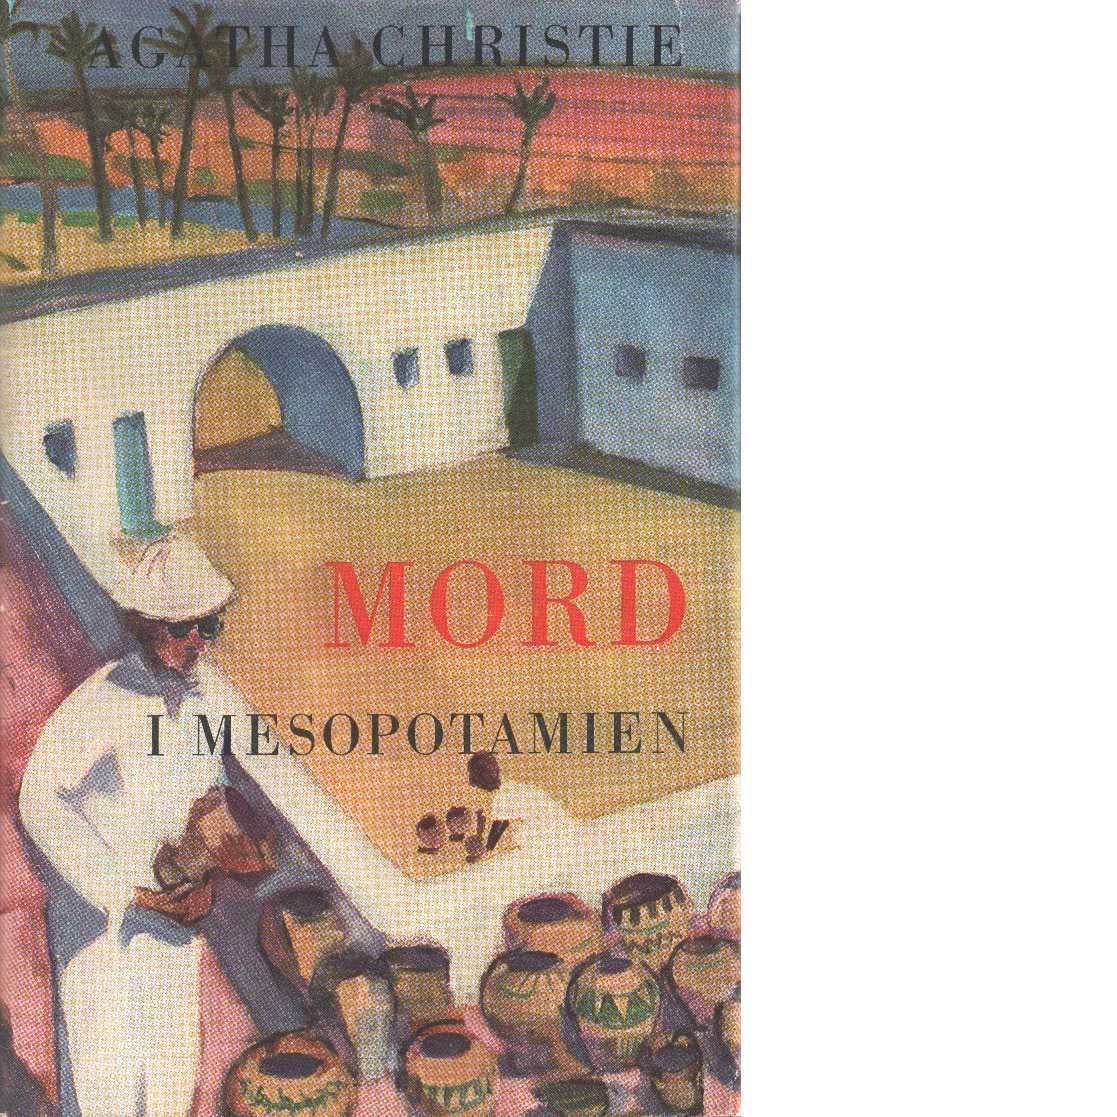 Mord i Mesopotamien - Christie, Agatha